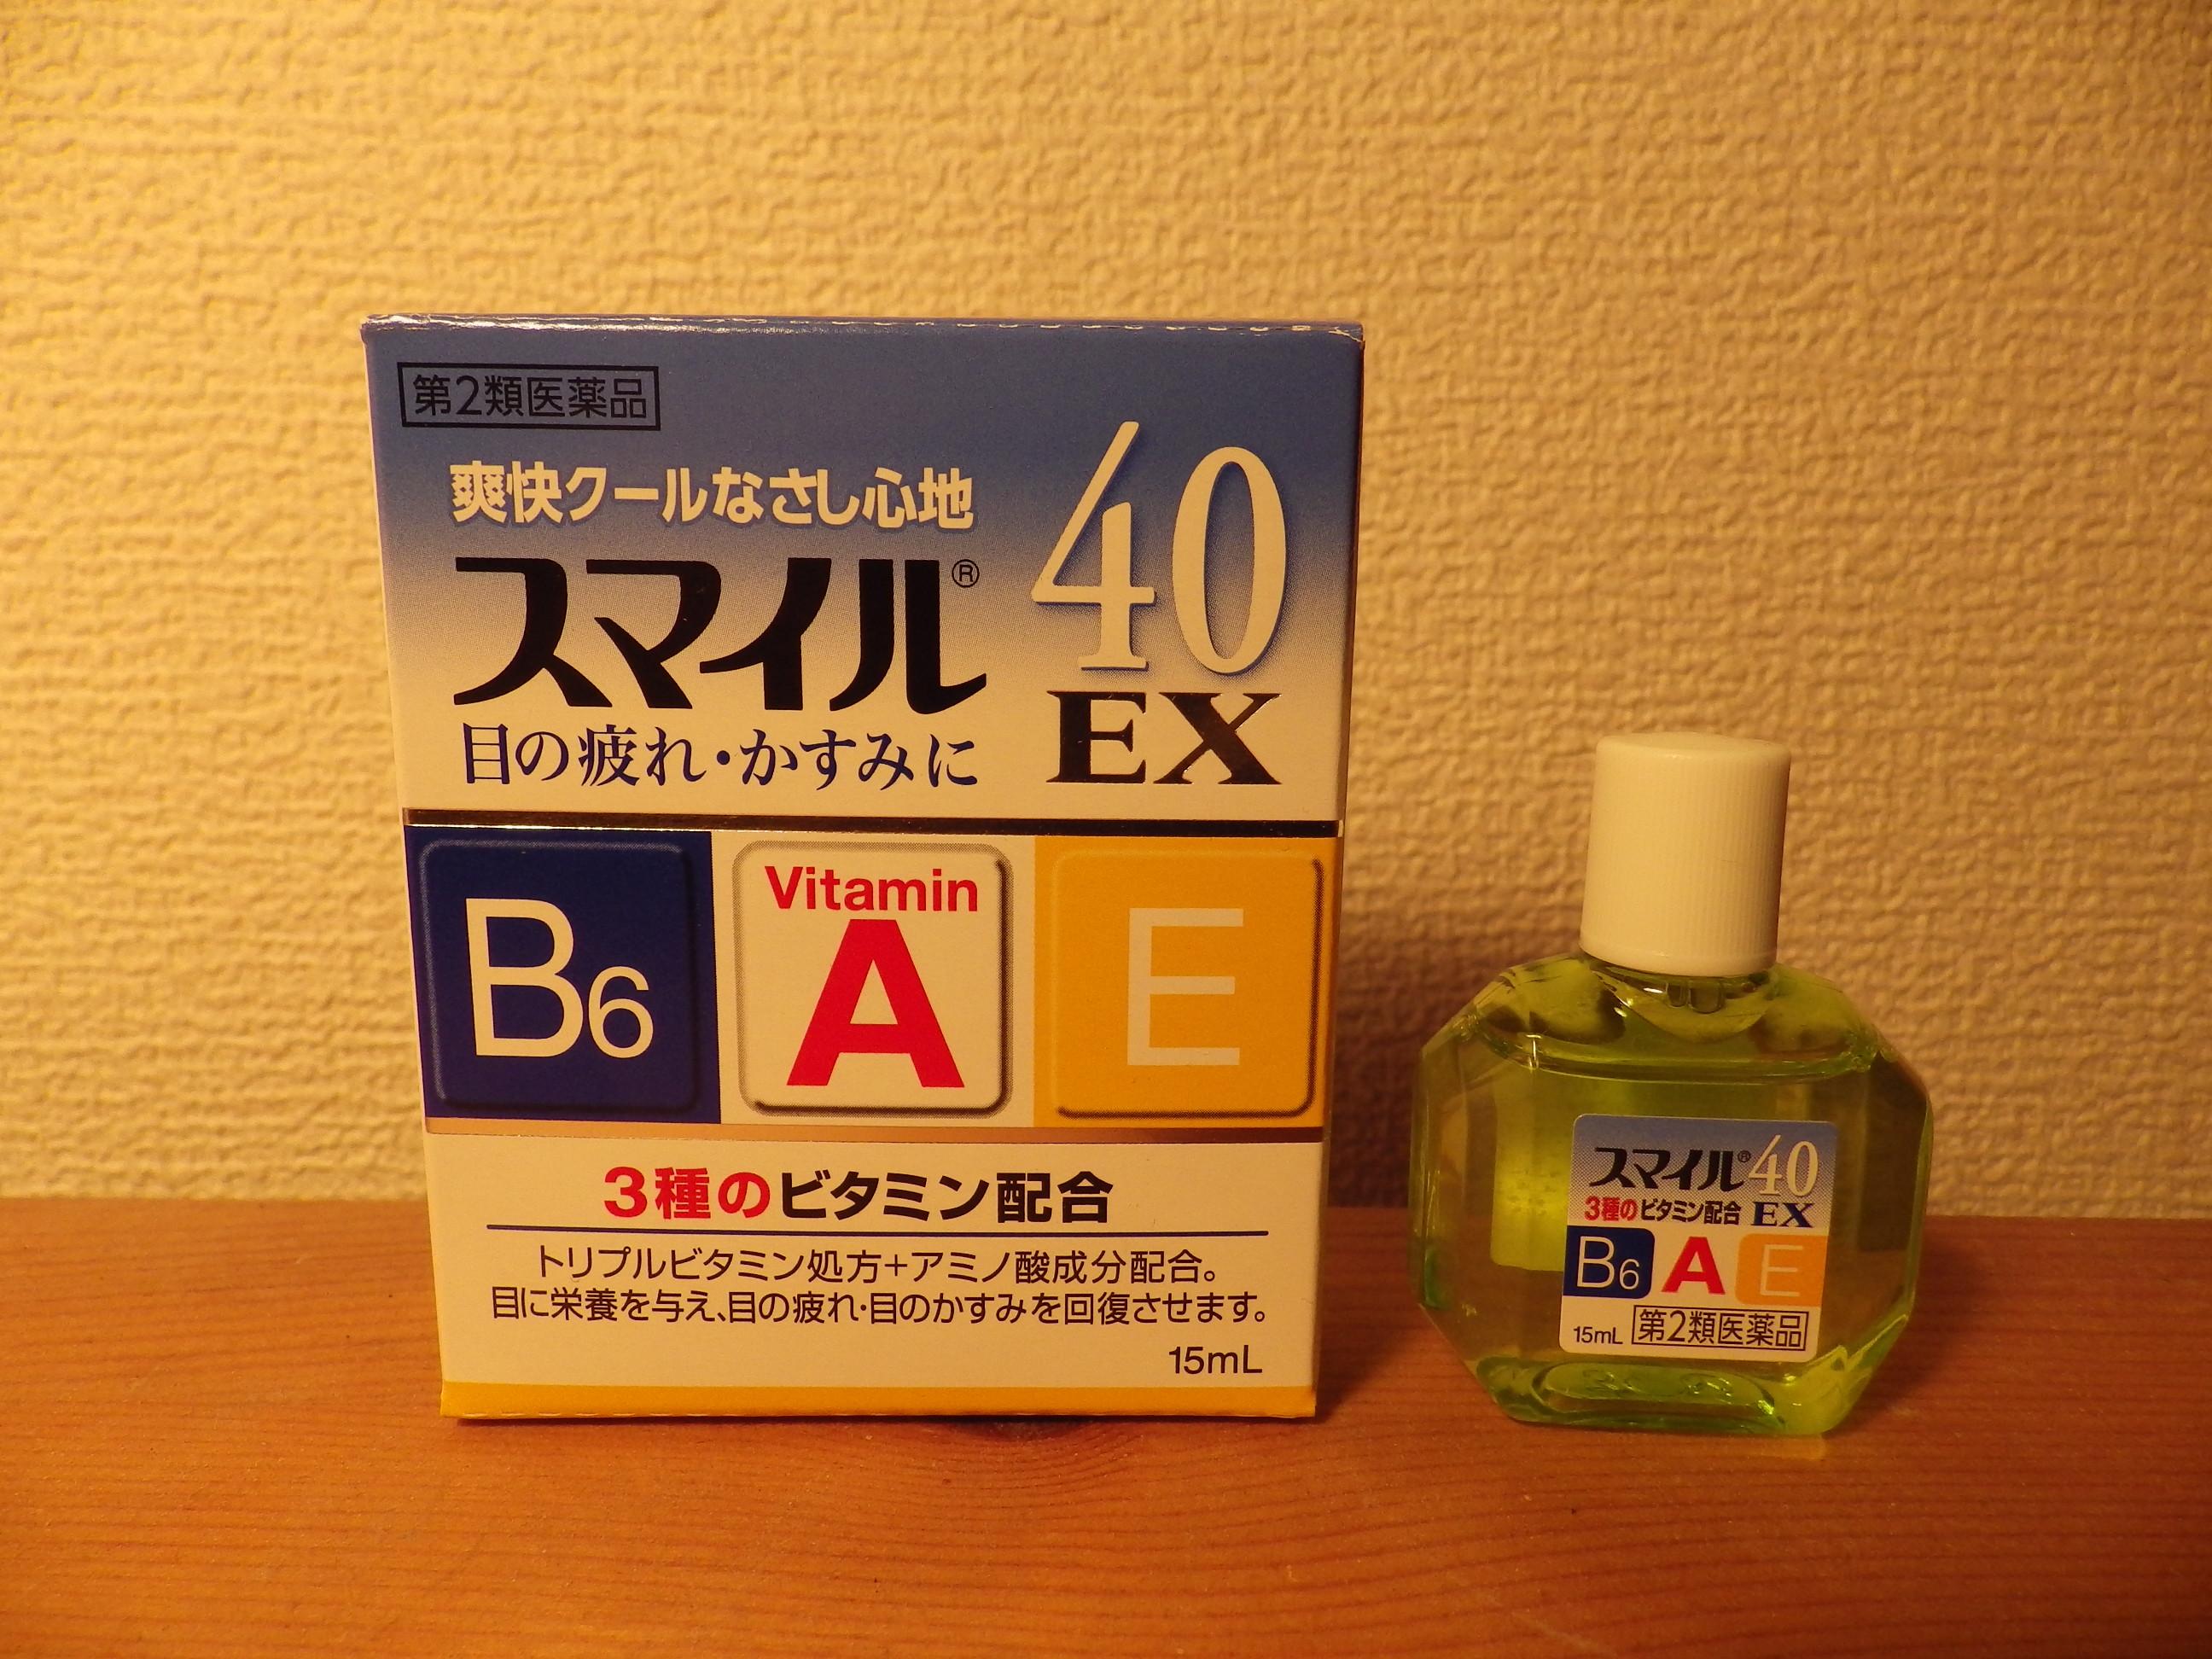 『スマイル40 EX』 の箱とボトル